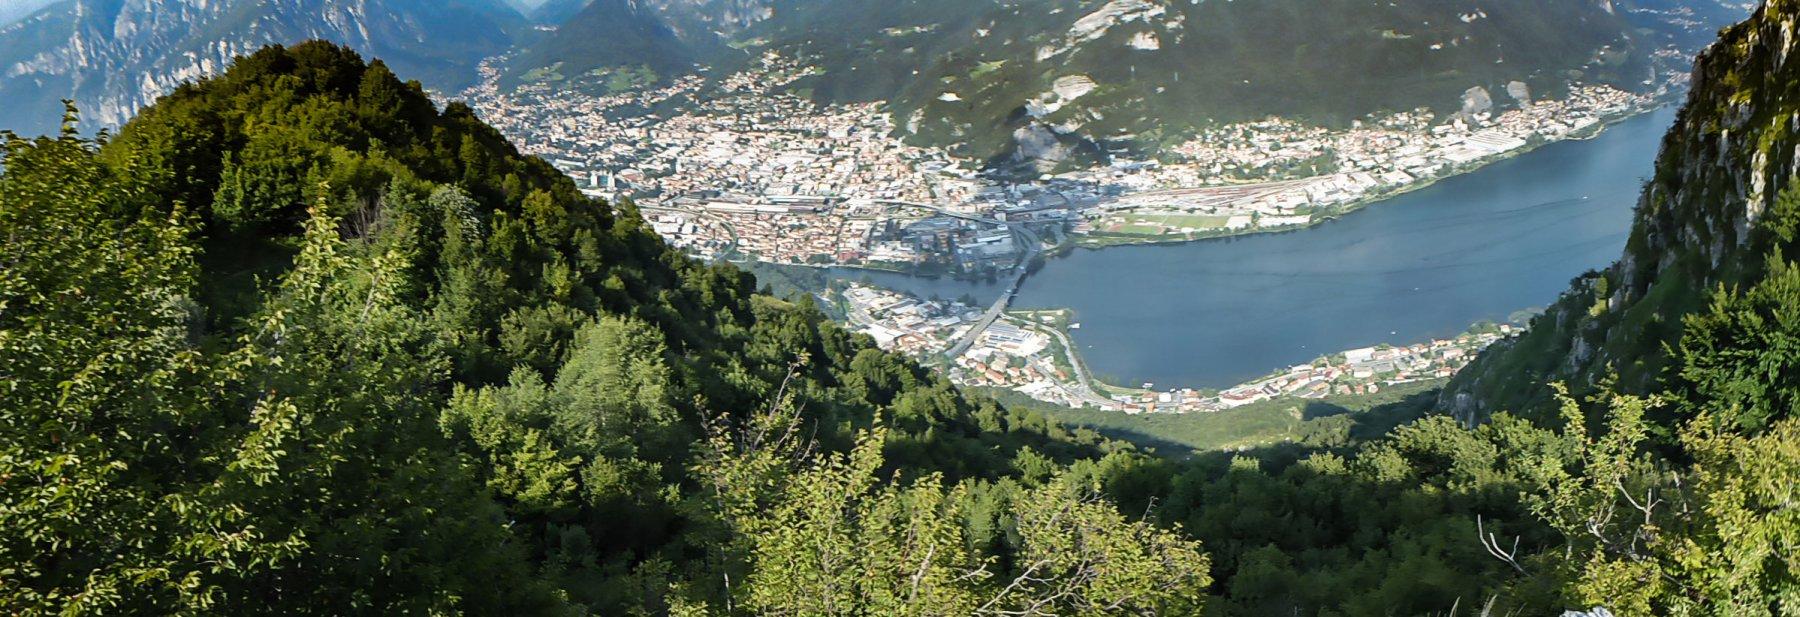 Barro (Monte) da Lecco 2017-07-28